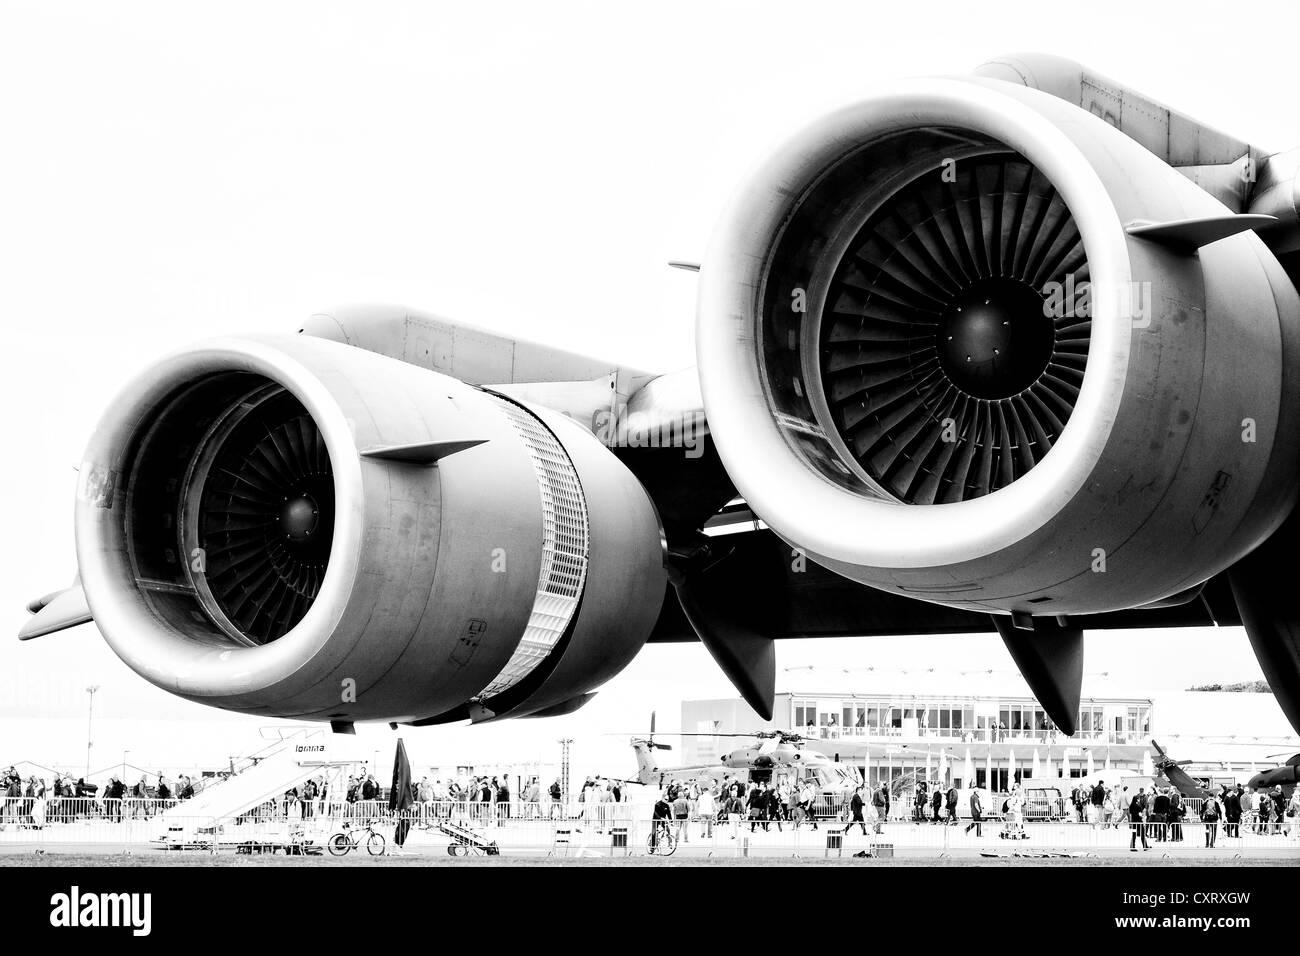 Engines Boeing C-17 Globemaster (black and white) - Stock Image